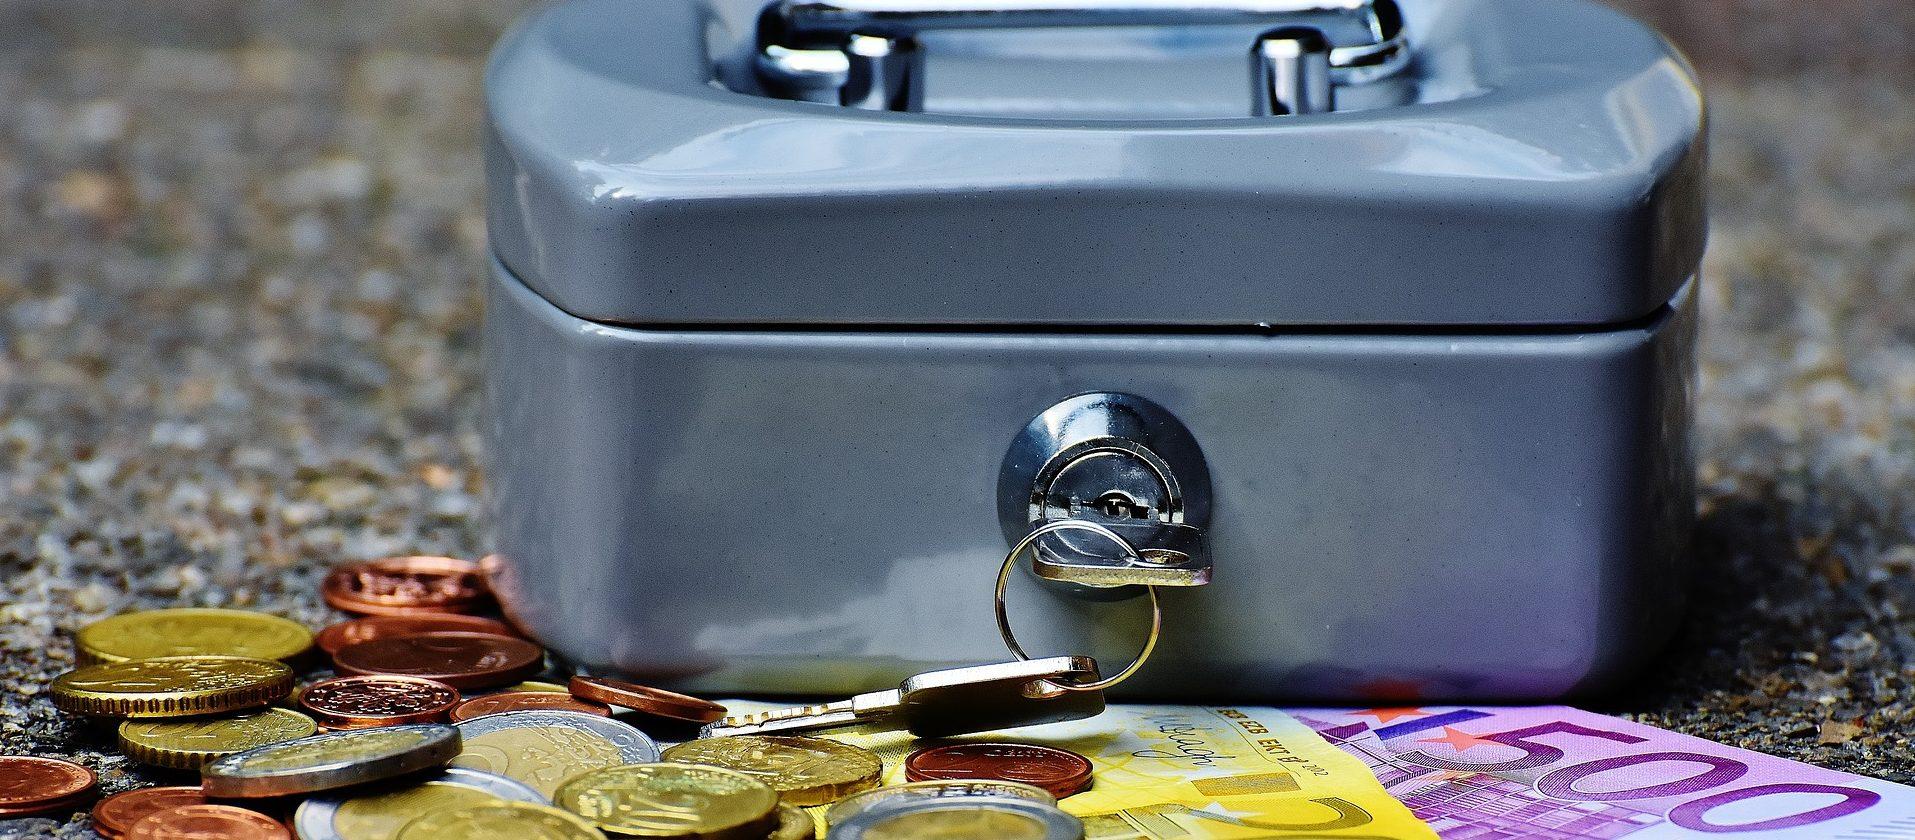 Geld und Geldkassette